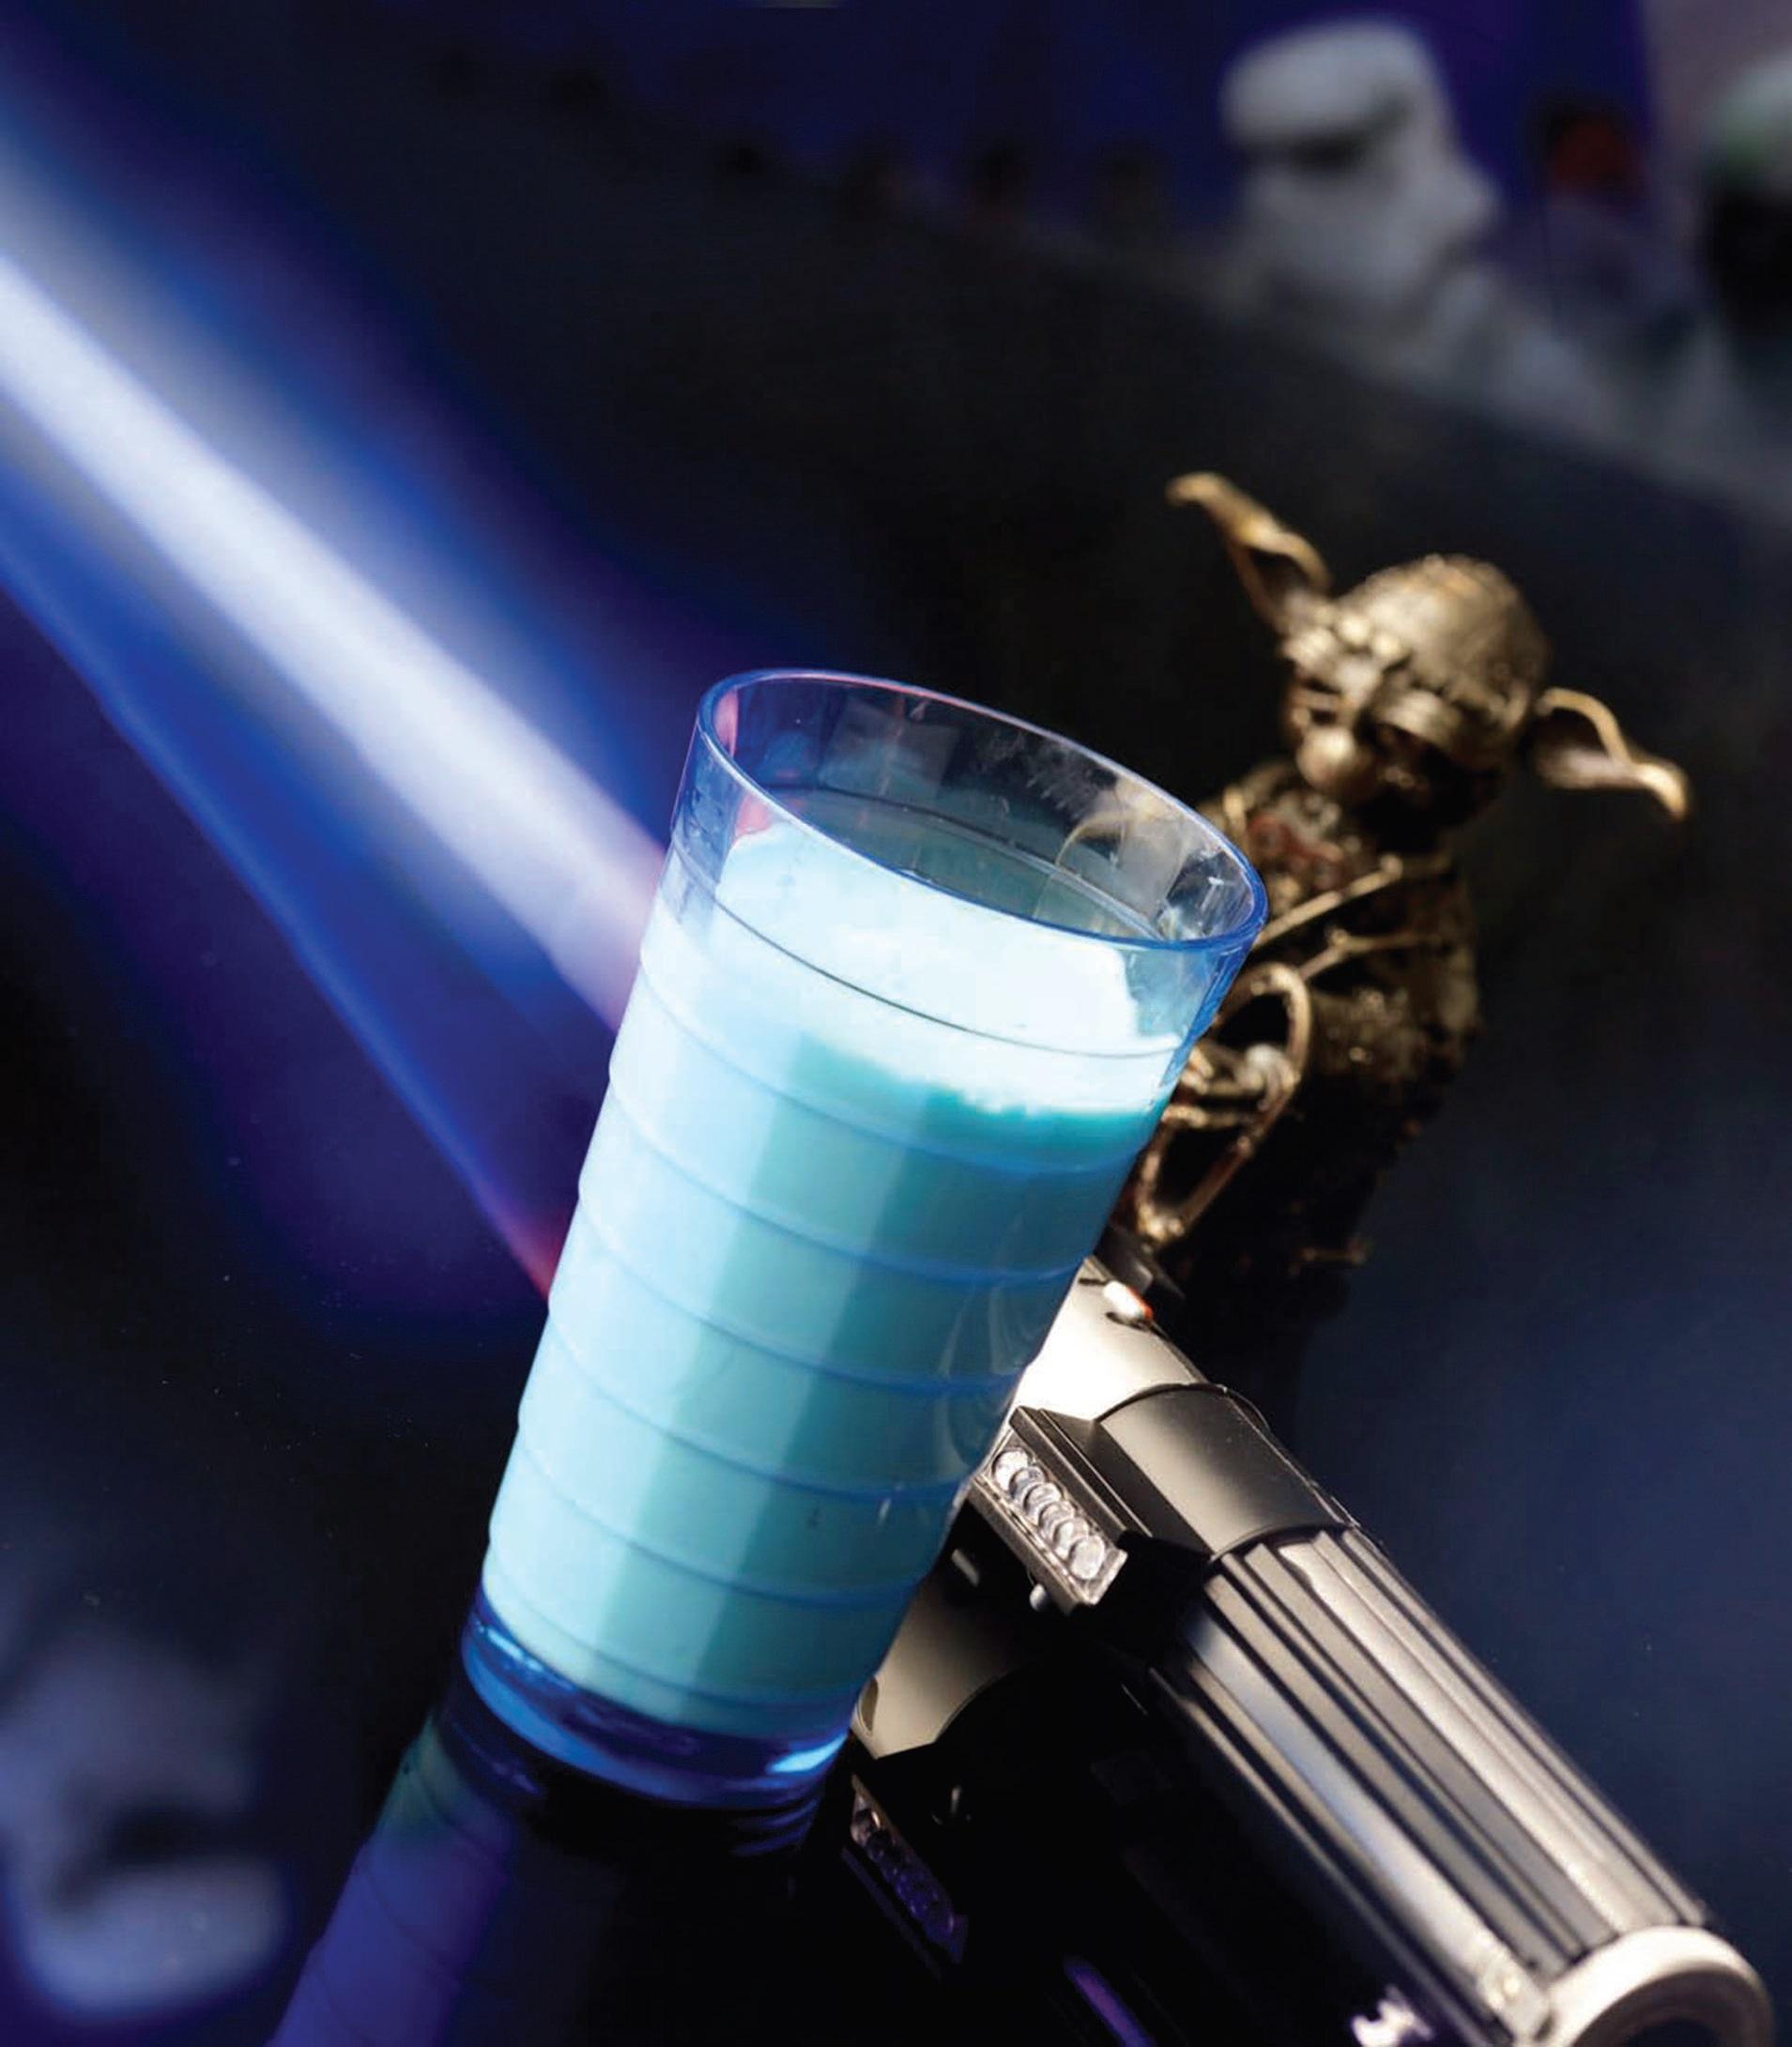 Mėlynasis pienas iš George'o Lucaso Žvaigždžių karų